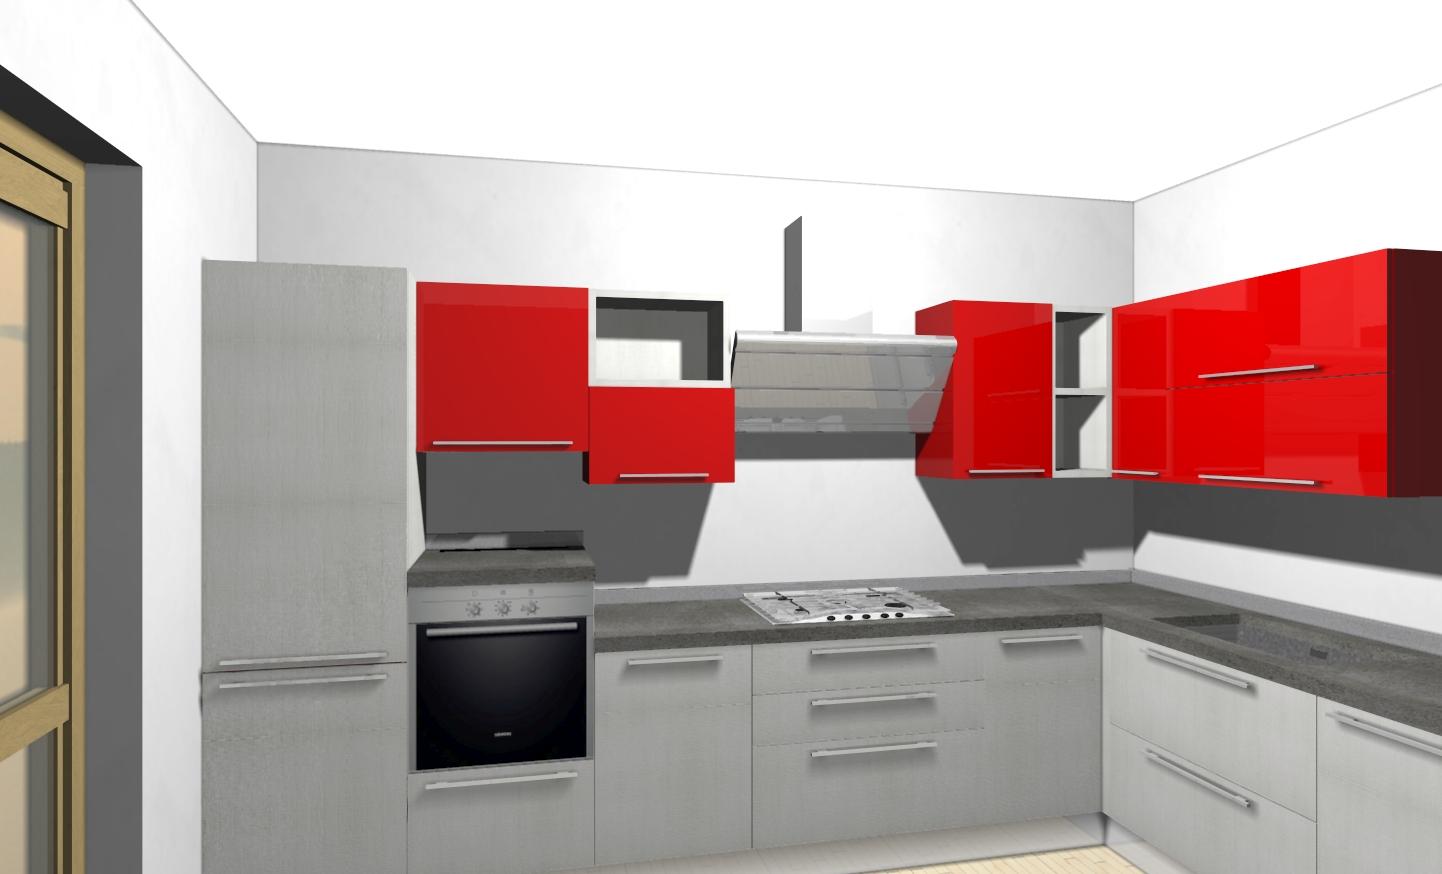 Cucina Usata Rossa | Cucina Usata Rossa